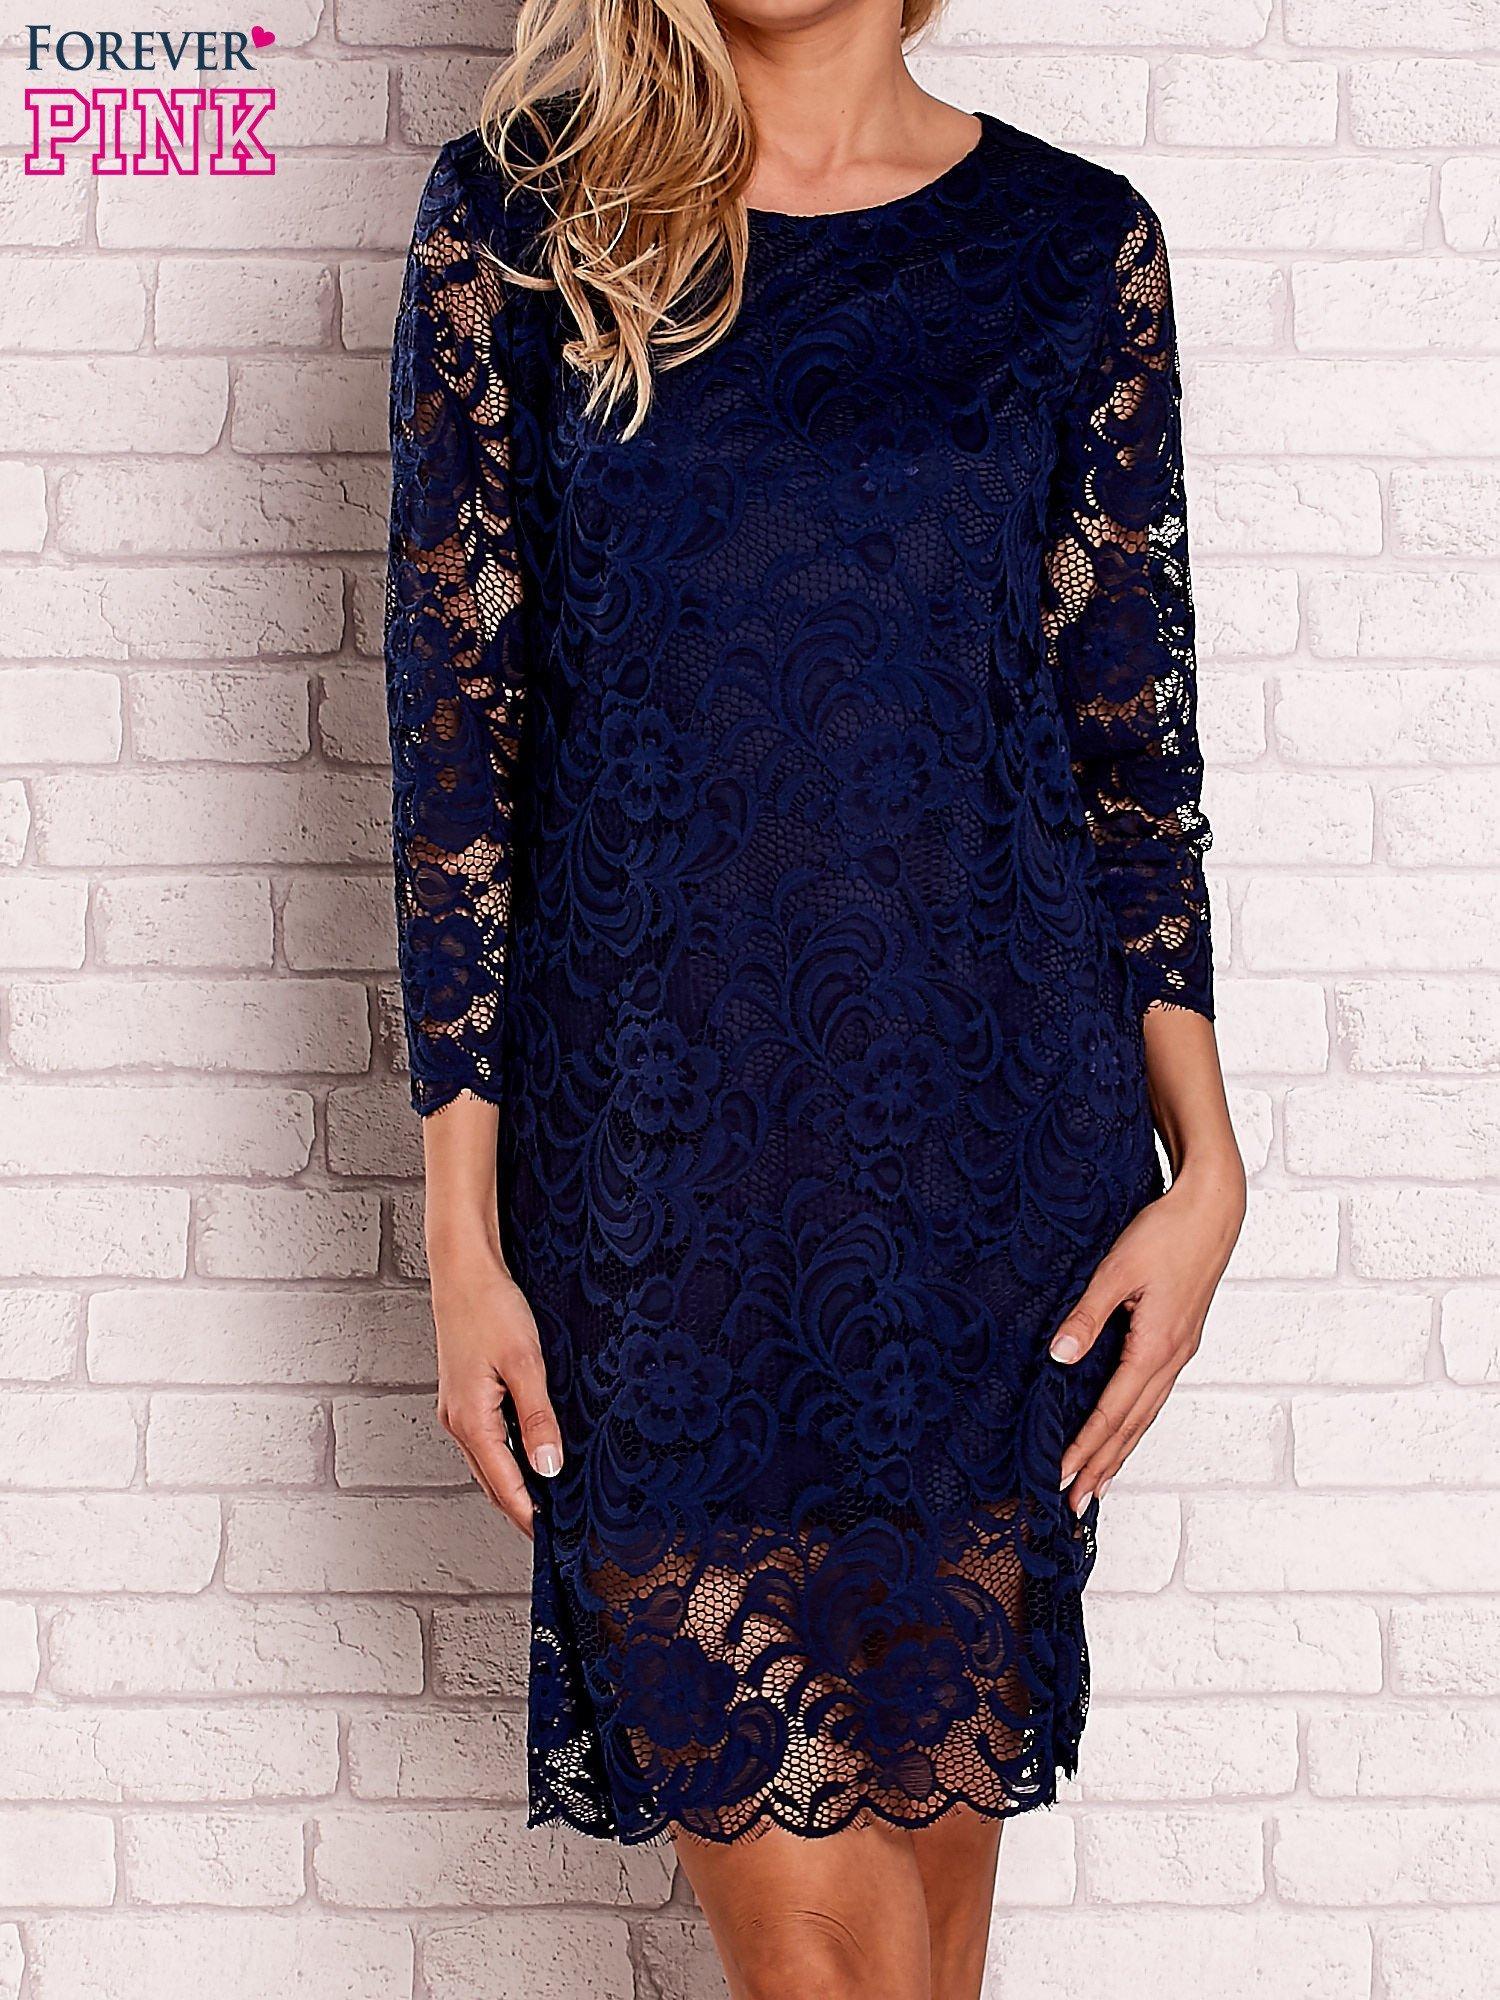 bd3dc98416 Granatowa koronkowa sukienka z wiązaniem na plecach - Sukienka ...